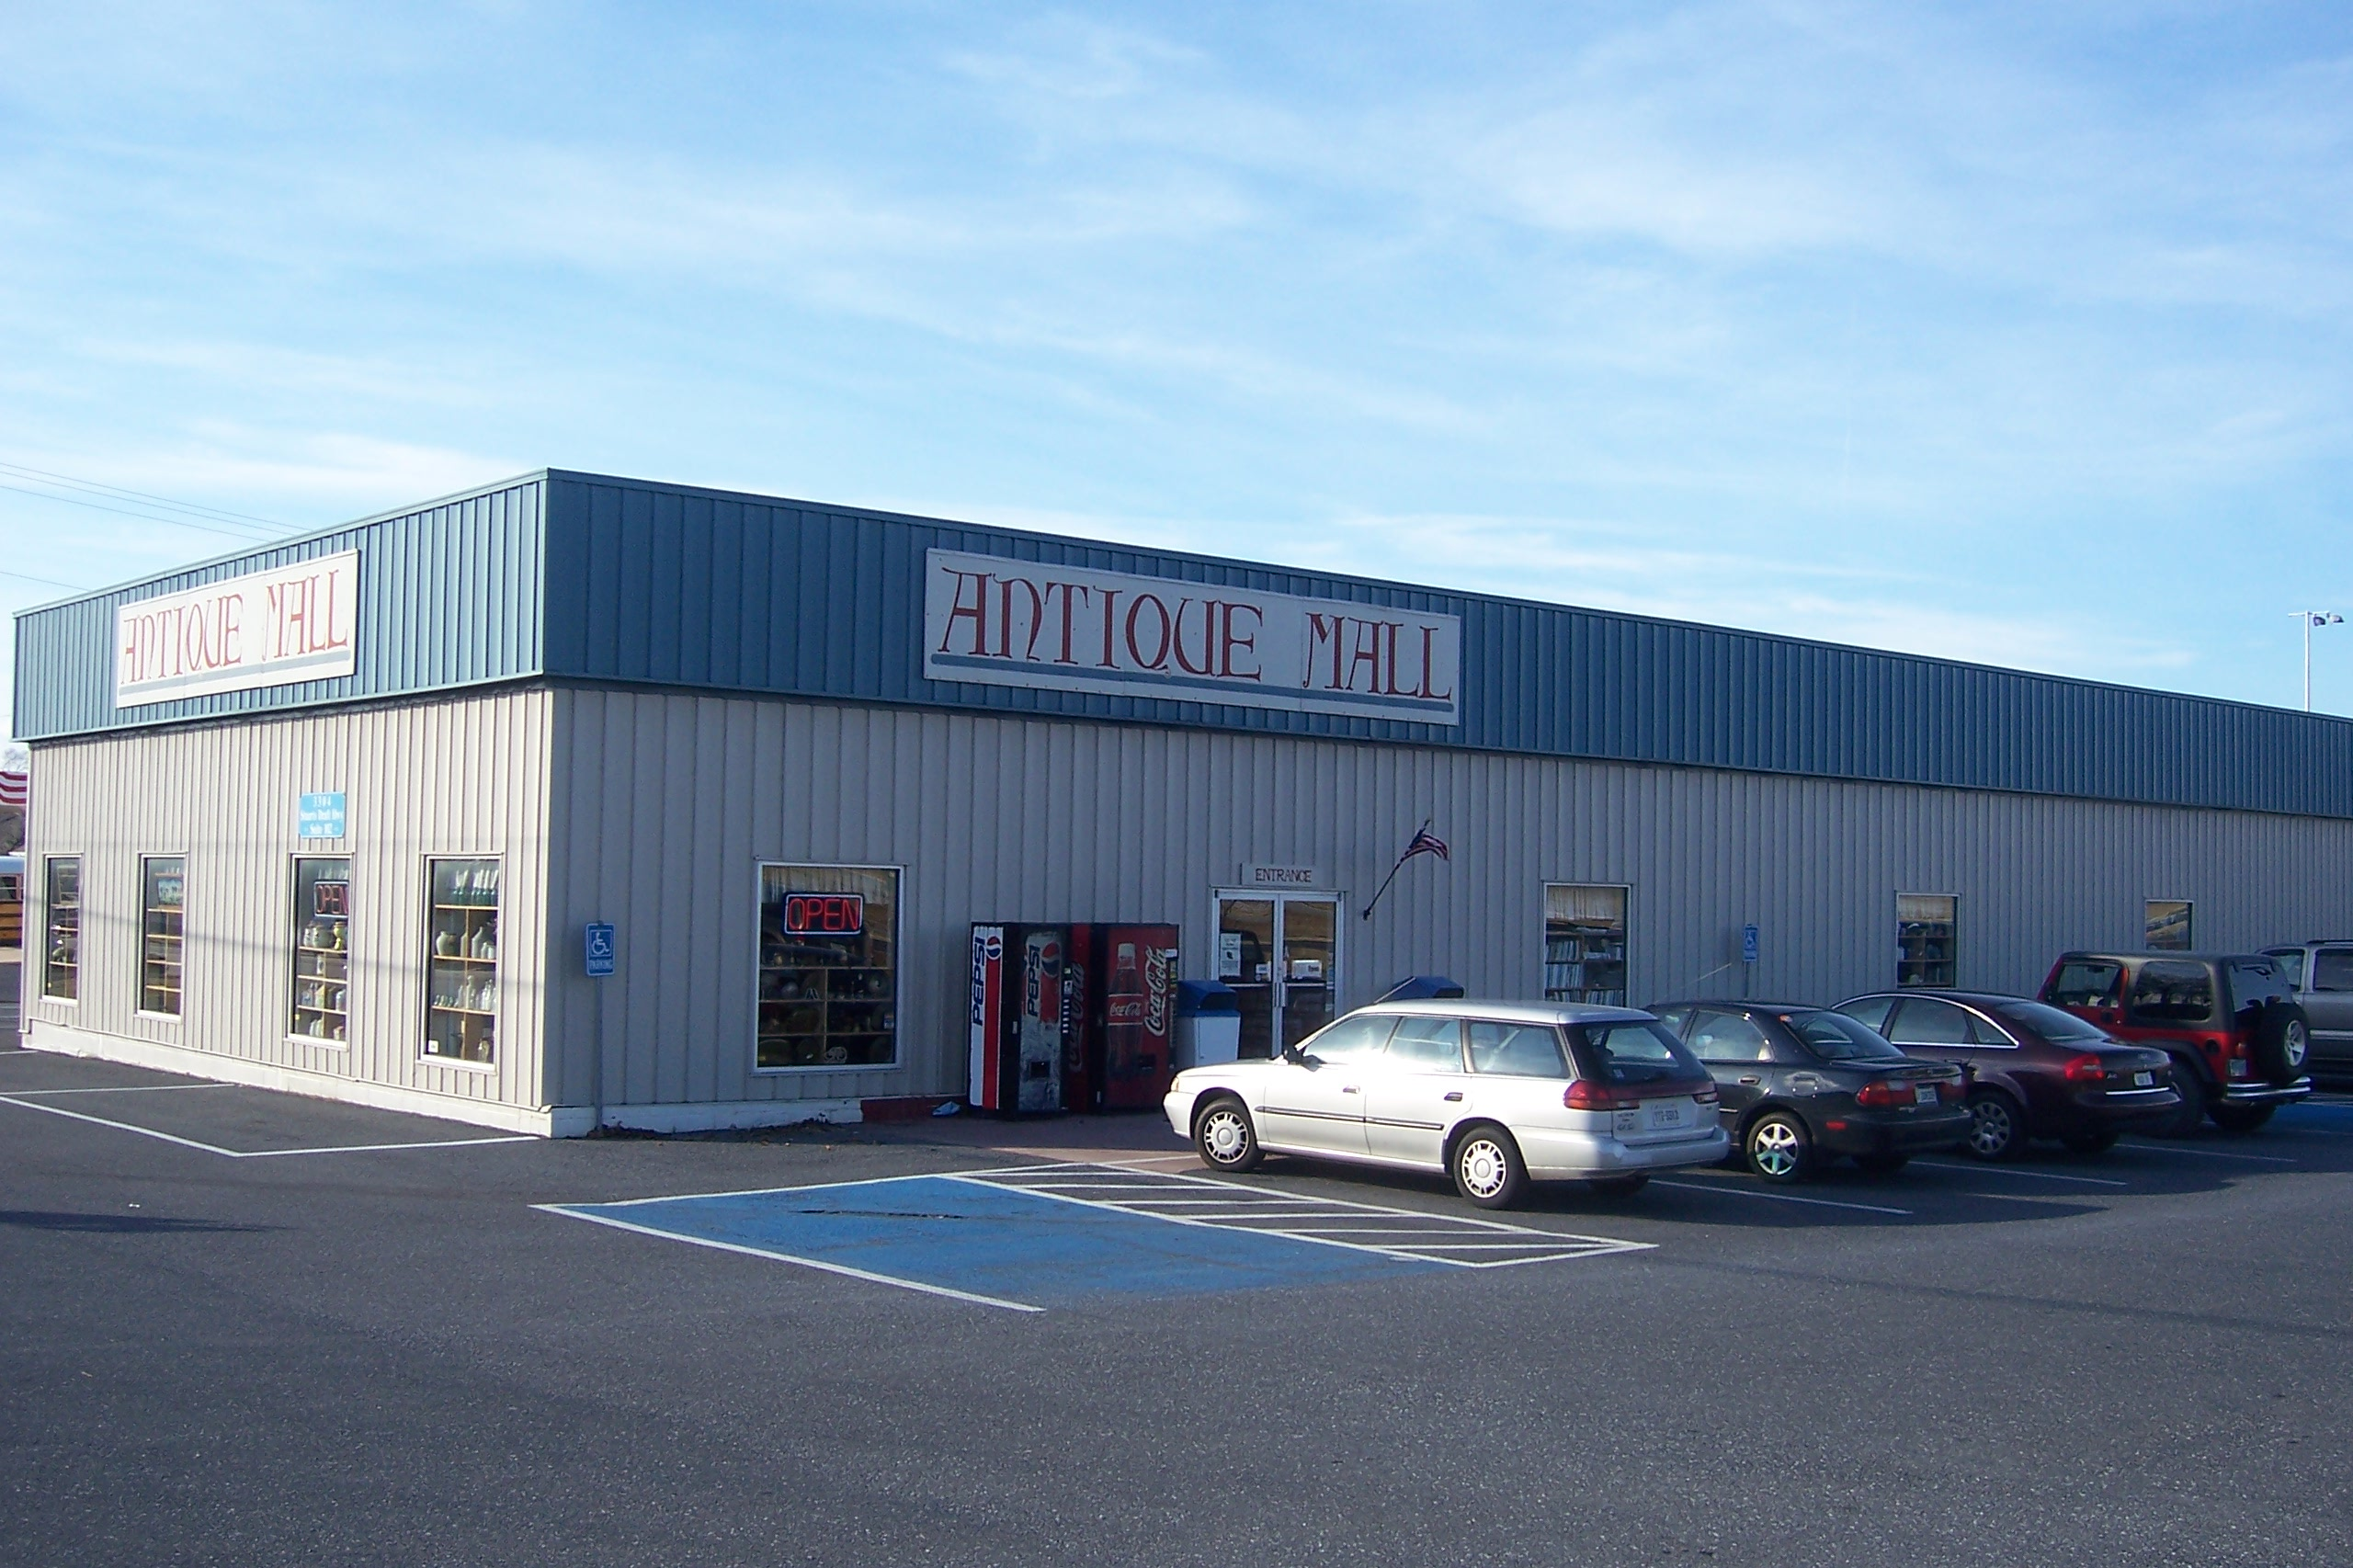 stuarts draft antique mall Stuarts Draft Antique Mall   Antique Stores In Stuarts Draft, VA stuarts draft antique mall